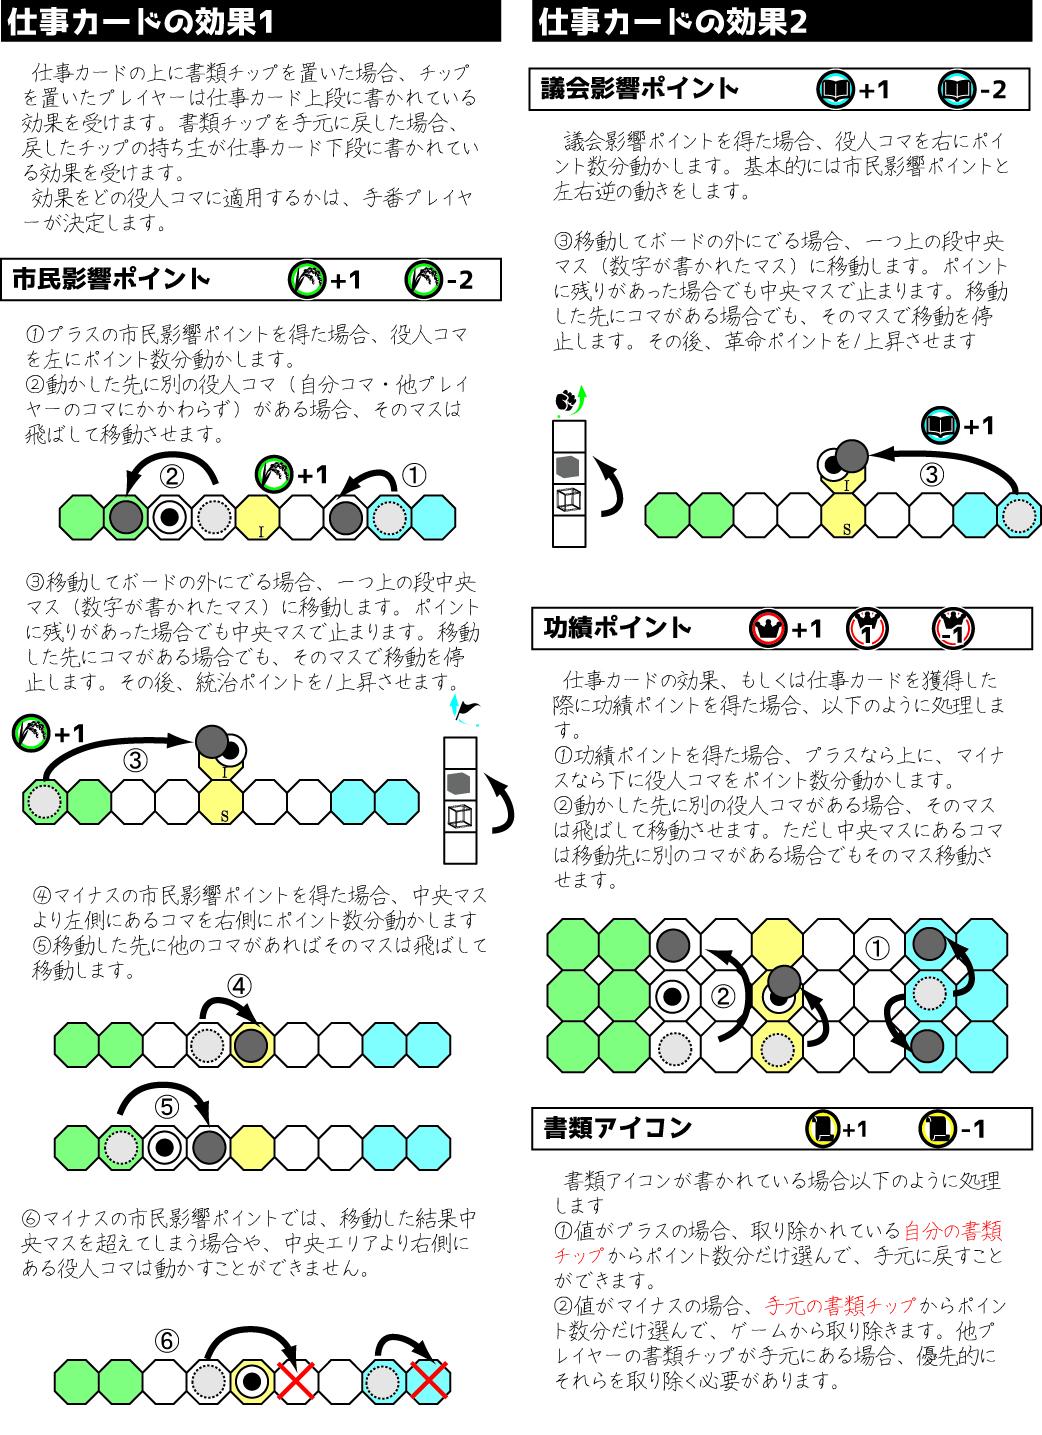 back01.jpg